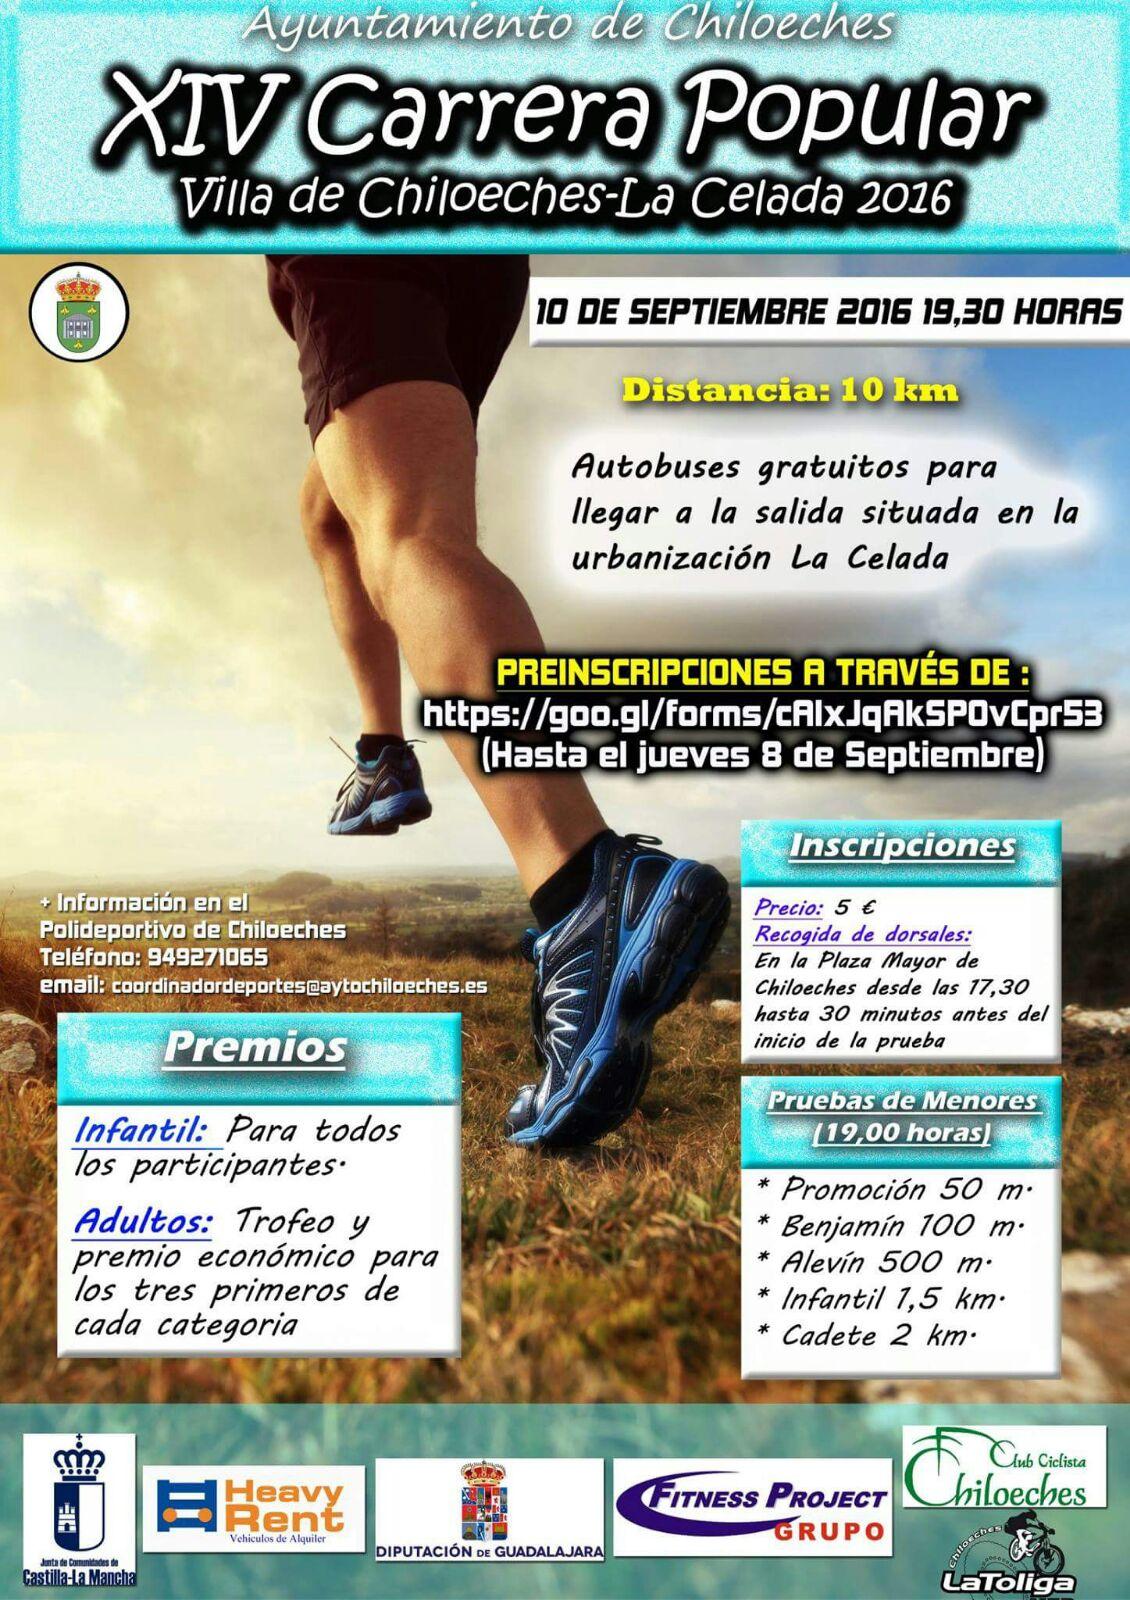 8 de Octubre, Chiloeches-La Celada